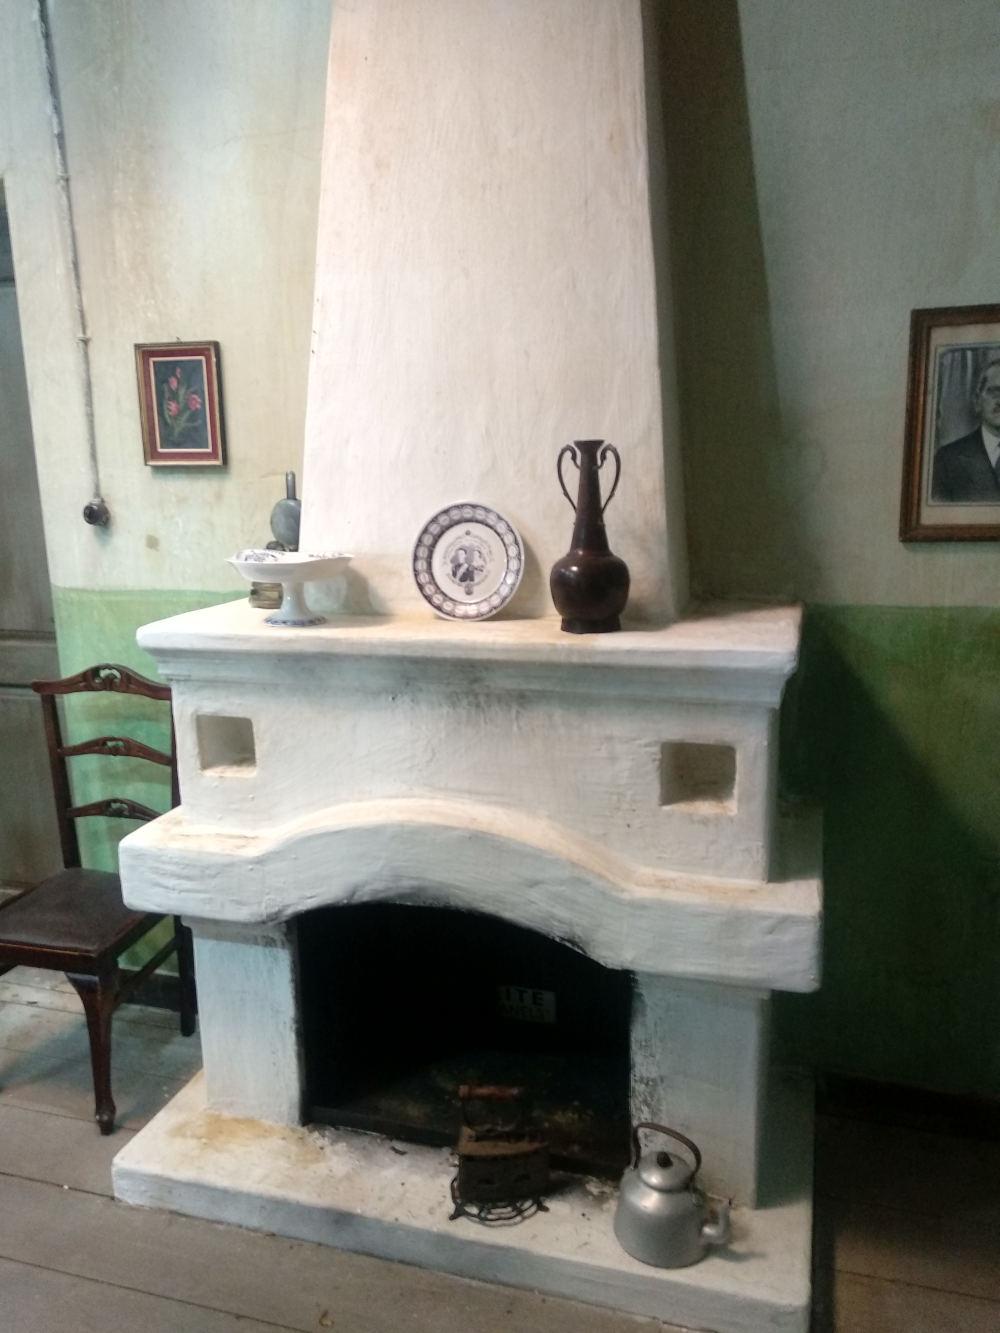 Το τζάκι στο σπίτι του Προύσαλη, με το σίδερο και τον βραστήρα πλάι στη φωτιά